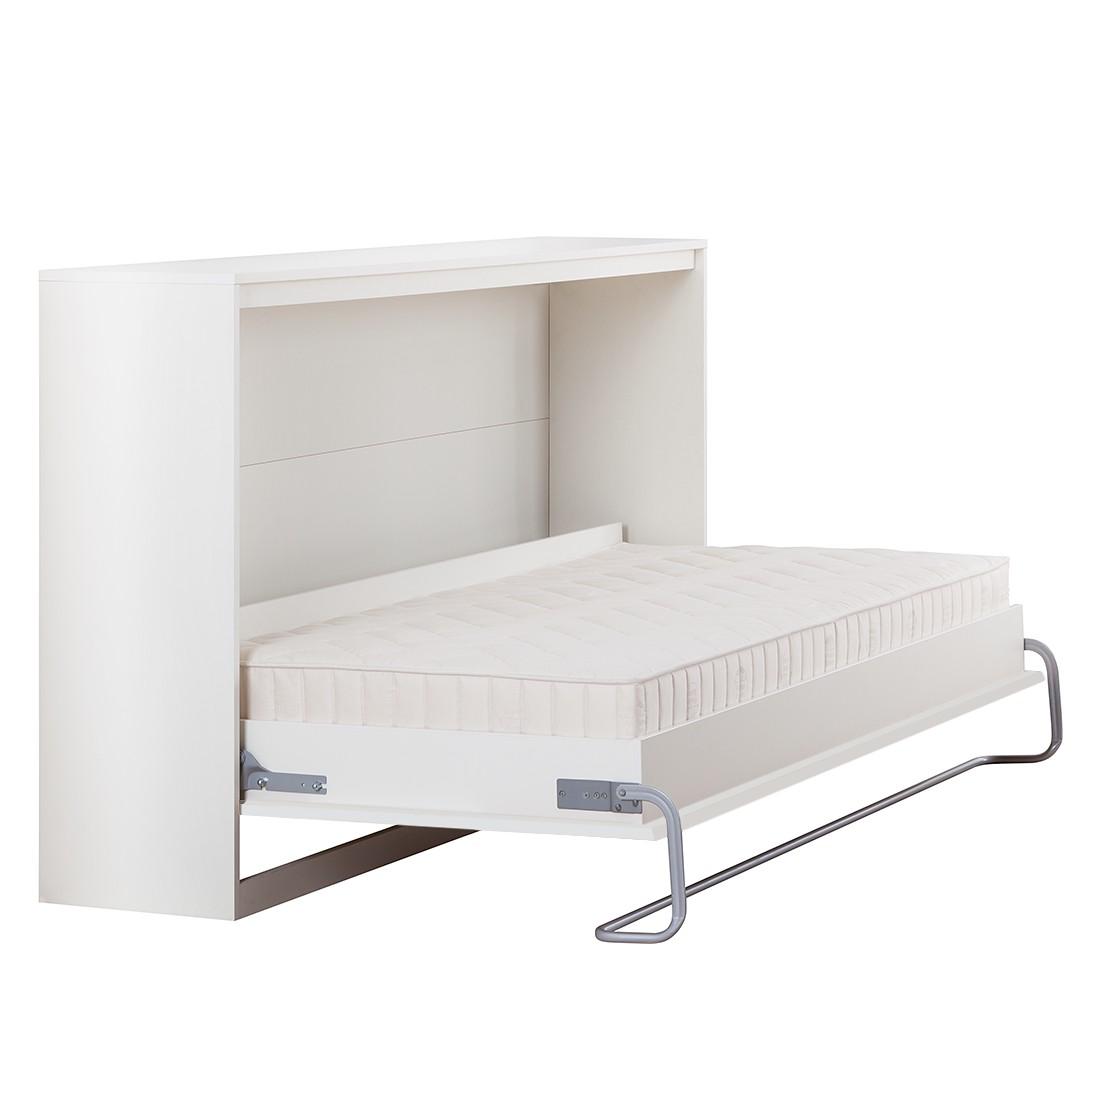 matratzen kinderbett 200 x 90 preisvergleich die besten angebote online kaufen. Black Bedroom Furniture Sets. Home Design Ideas